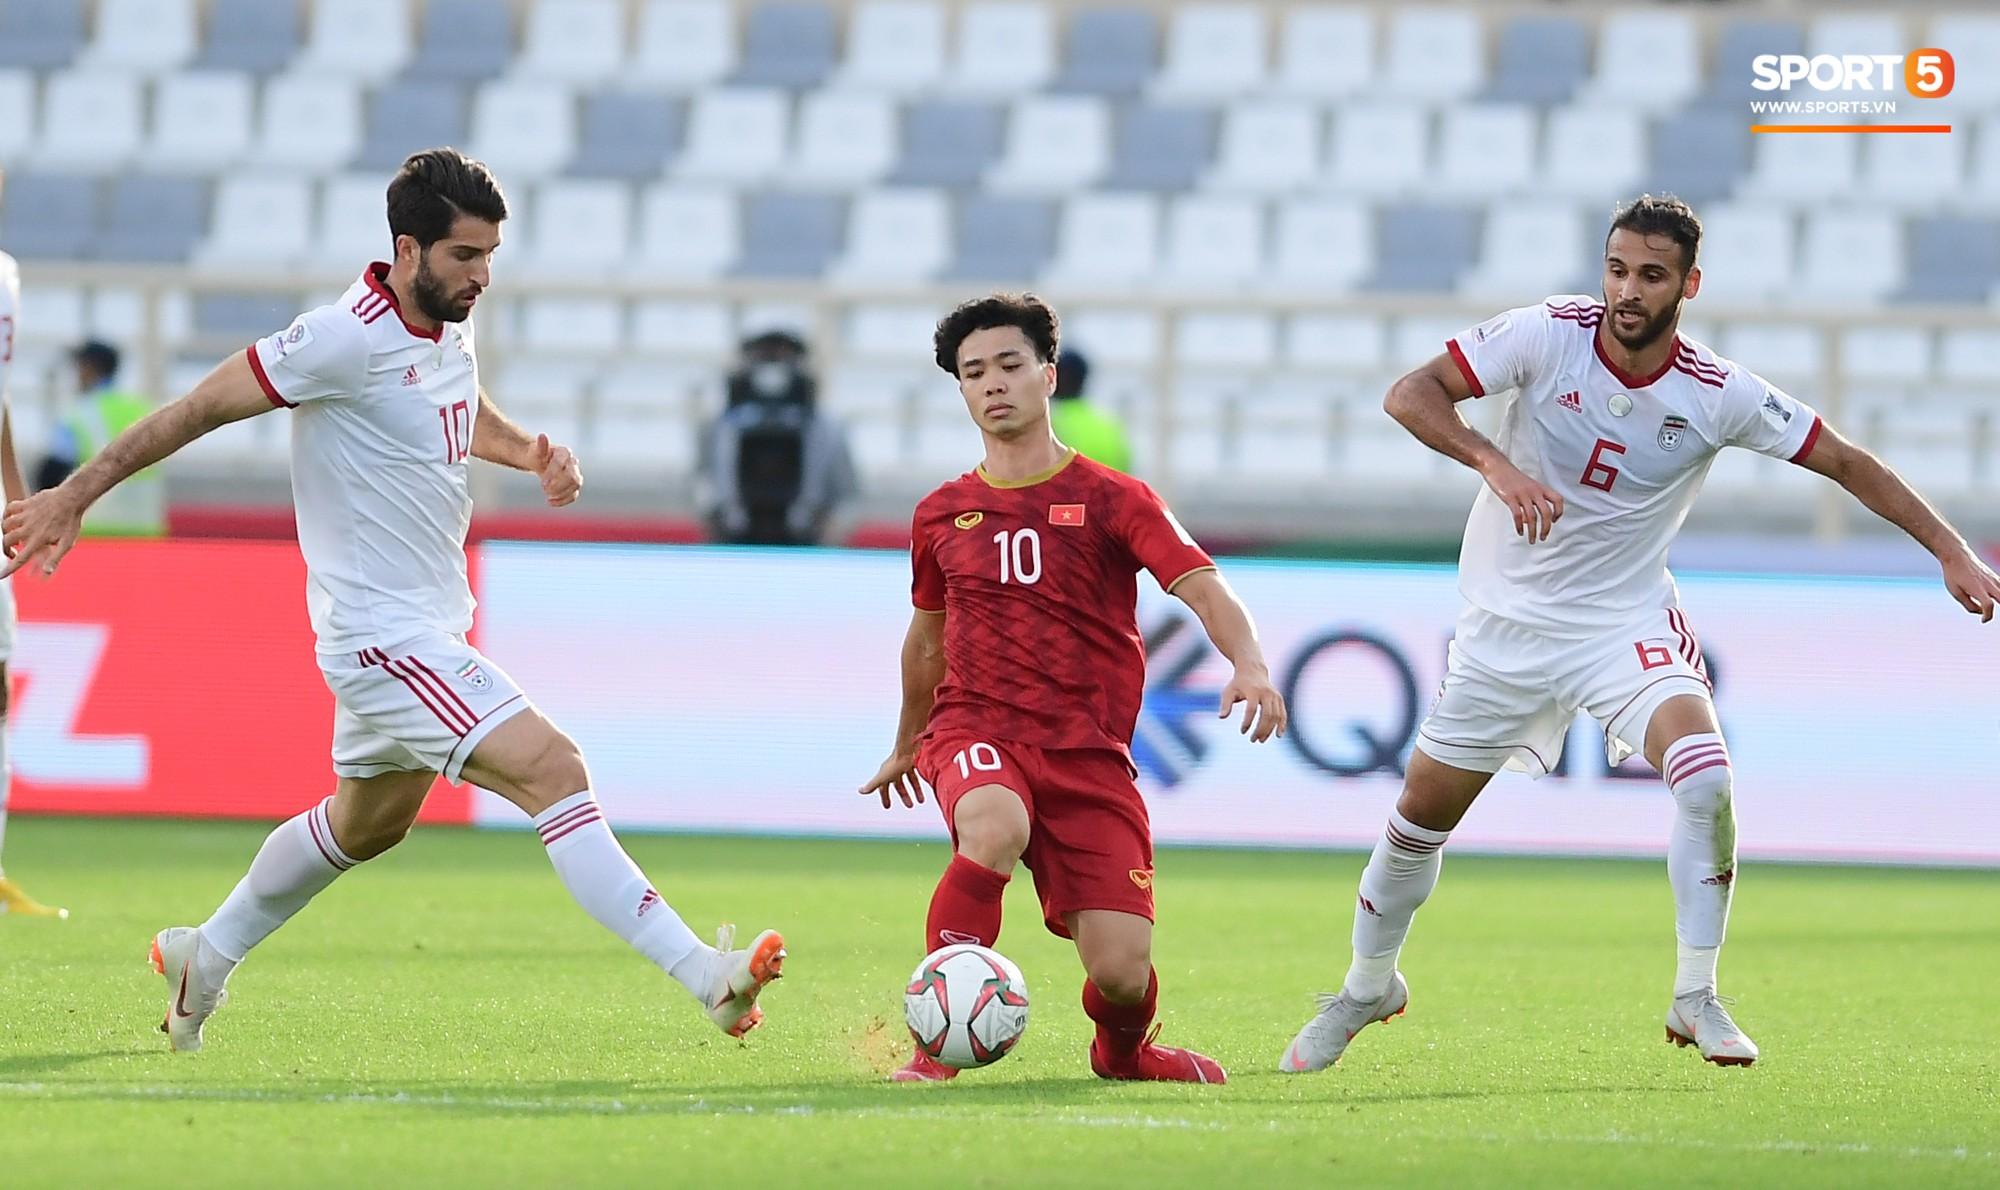 Nếu Công Phượng xử lý nhanh hơn, Duy Mạnh đã không lỡ hẹn trận đấu cuối cùng ở vòng bảng Asian Cup 2019 - Ảnh 2.